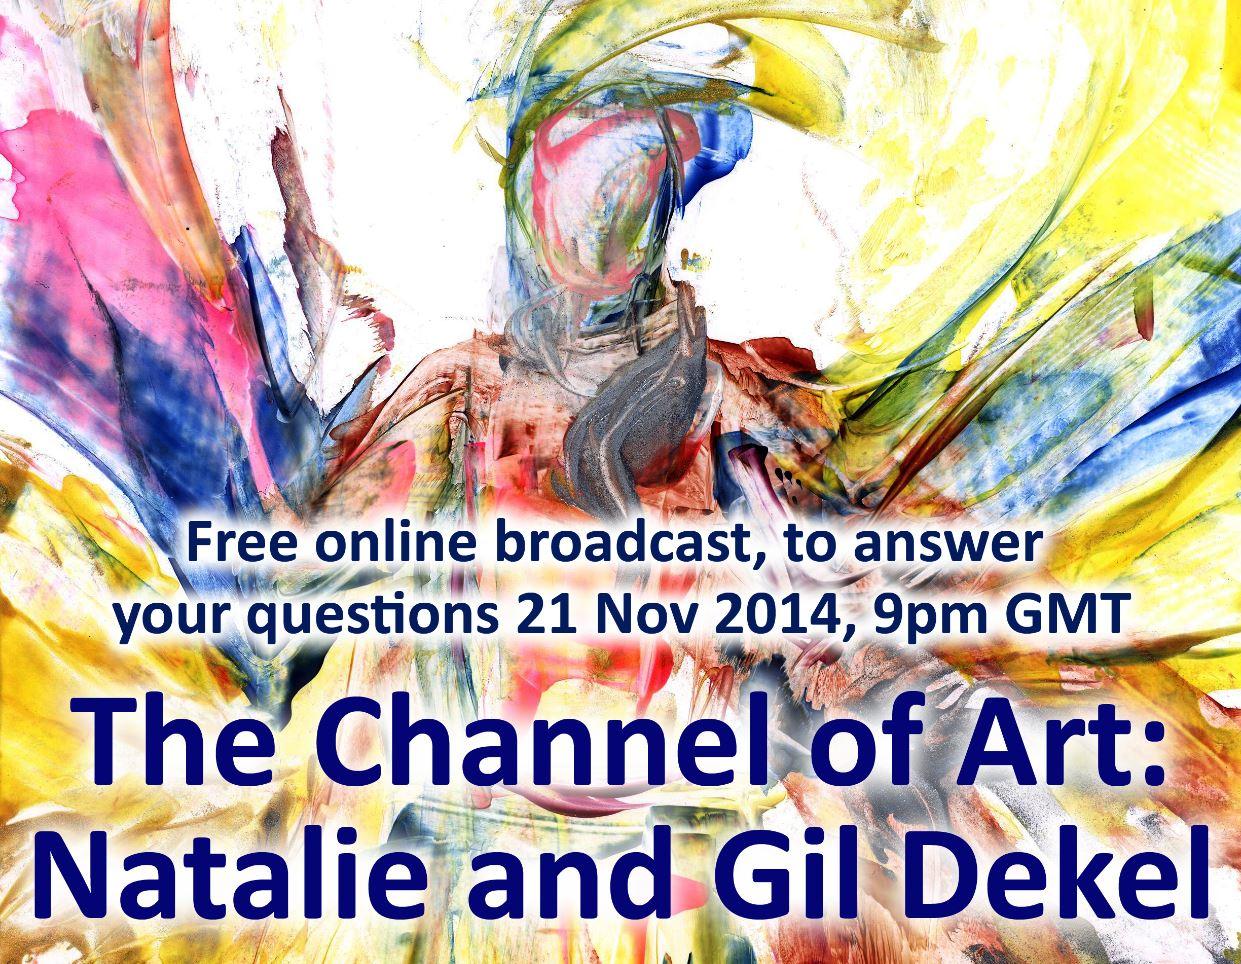 Channel of Art